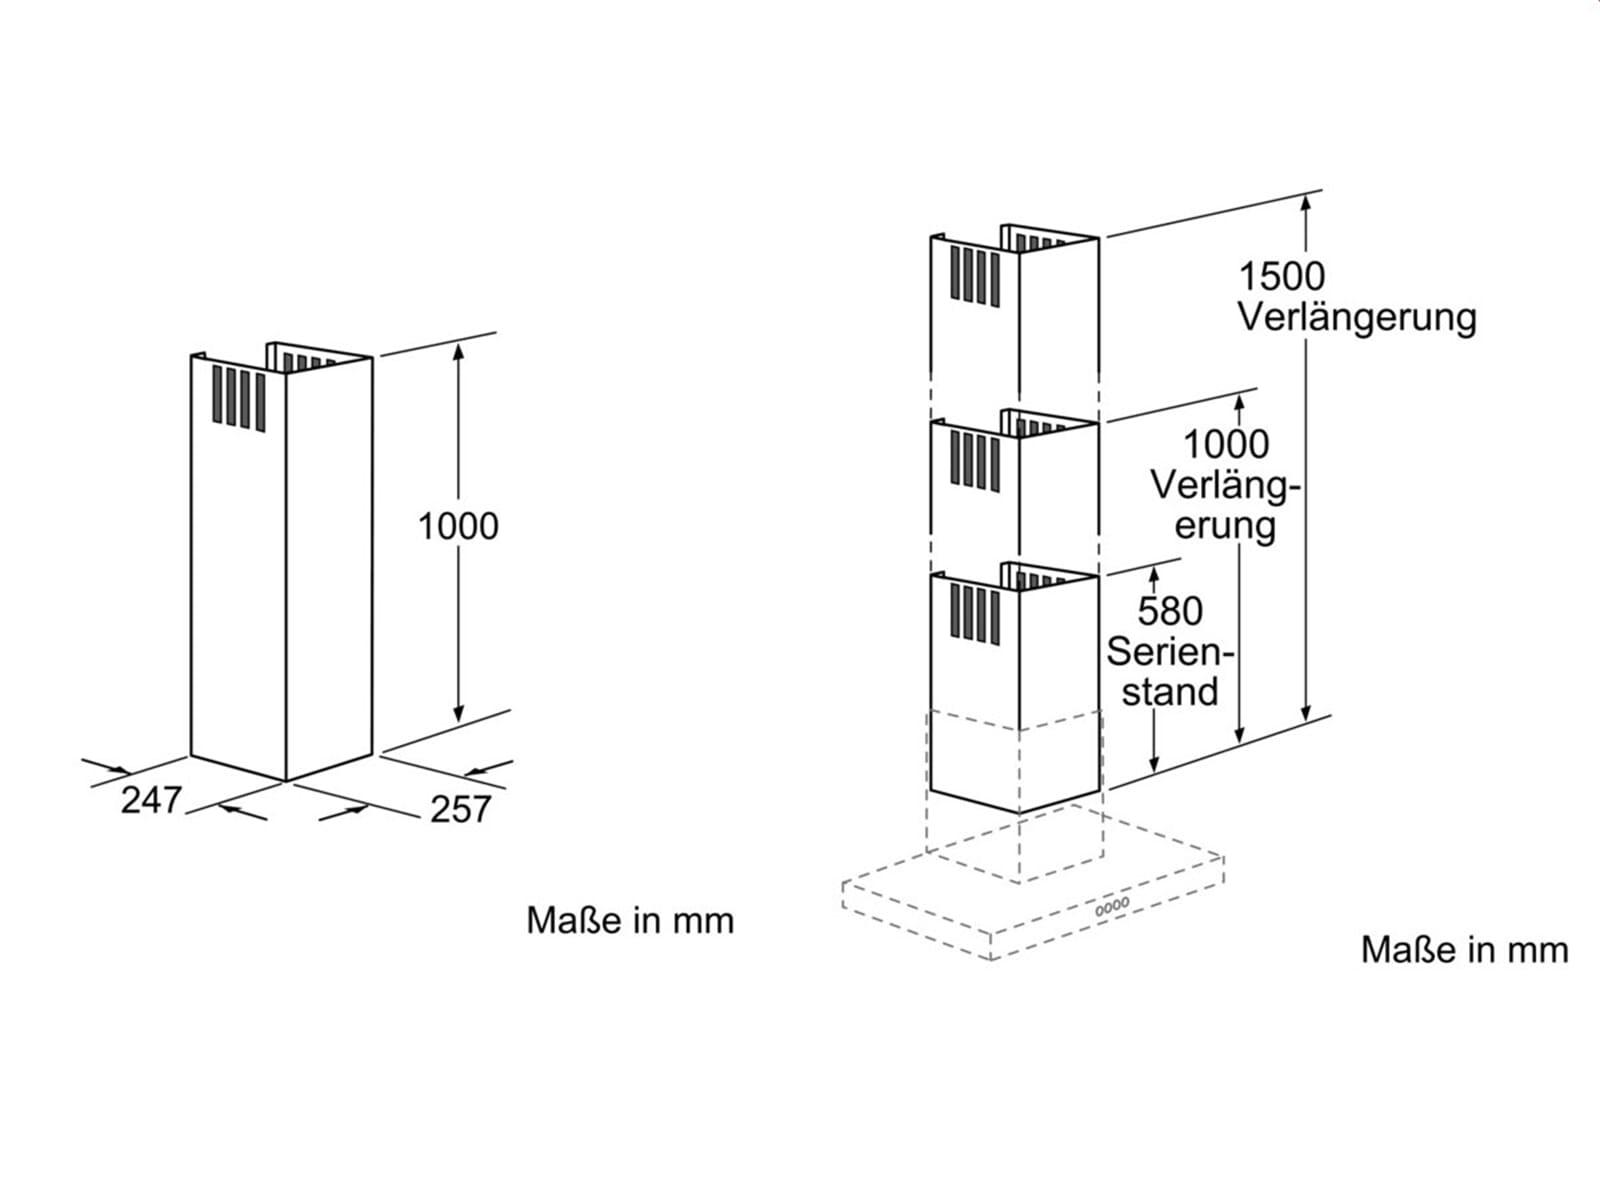 Neff Z5905N0 Kaminverlängerung 1000 mm